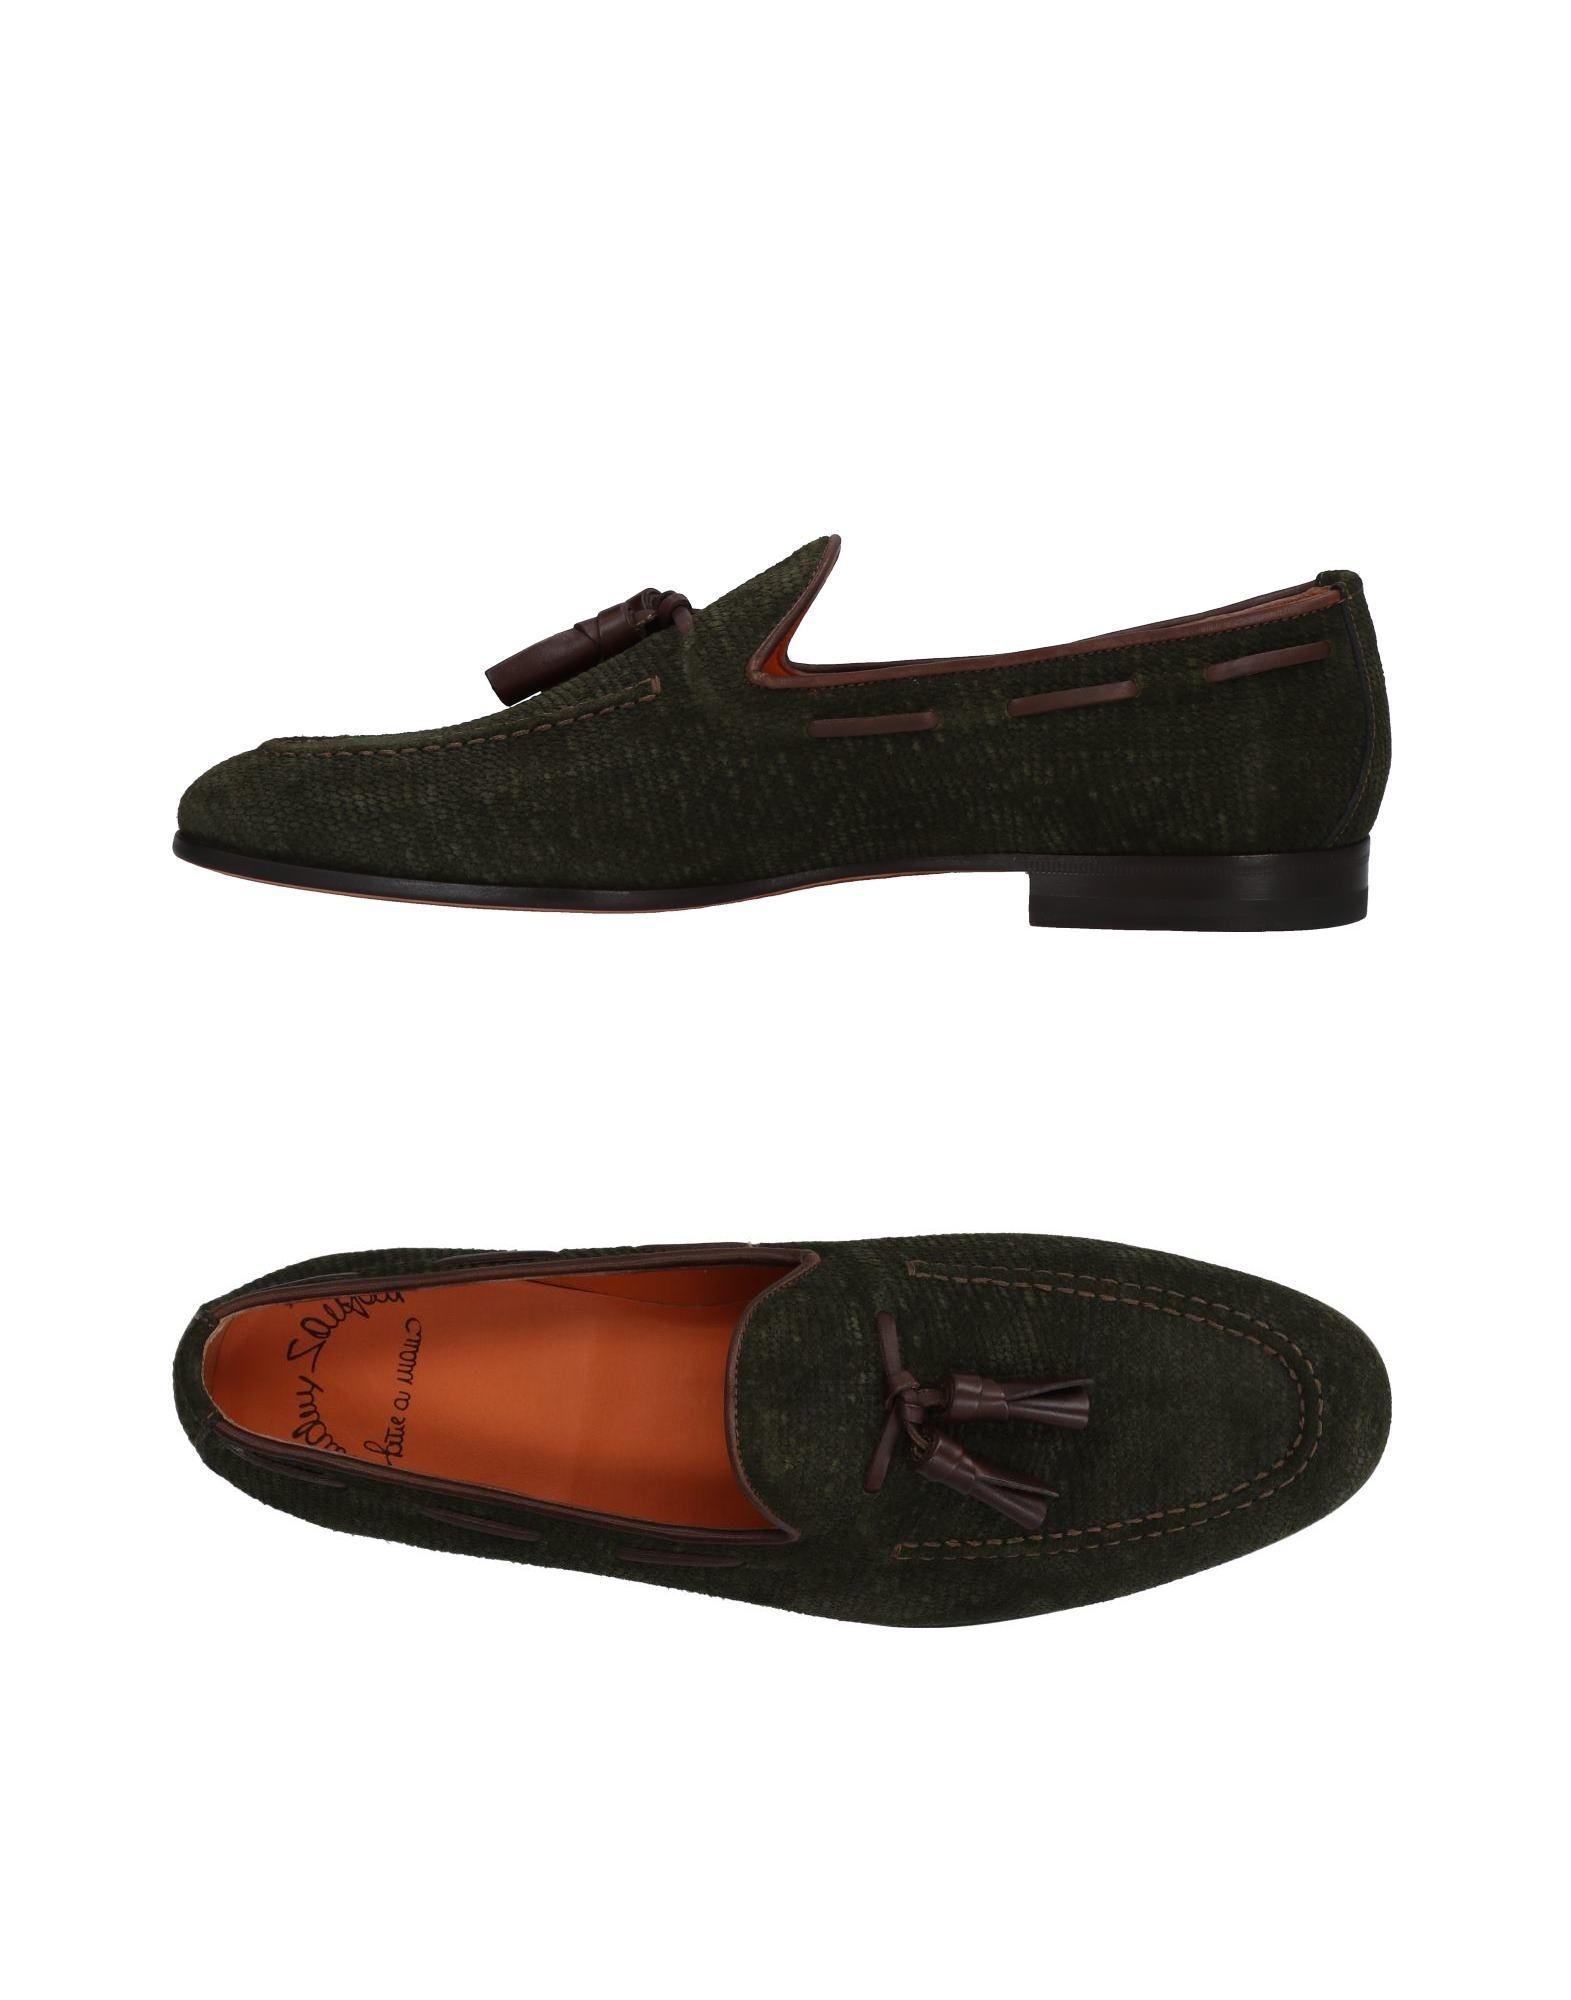 Santoni Mokassins Herren  11480084WS Gute Qualität beliebte Schuhe